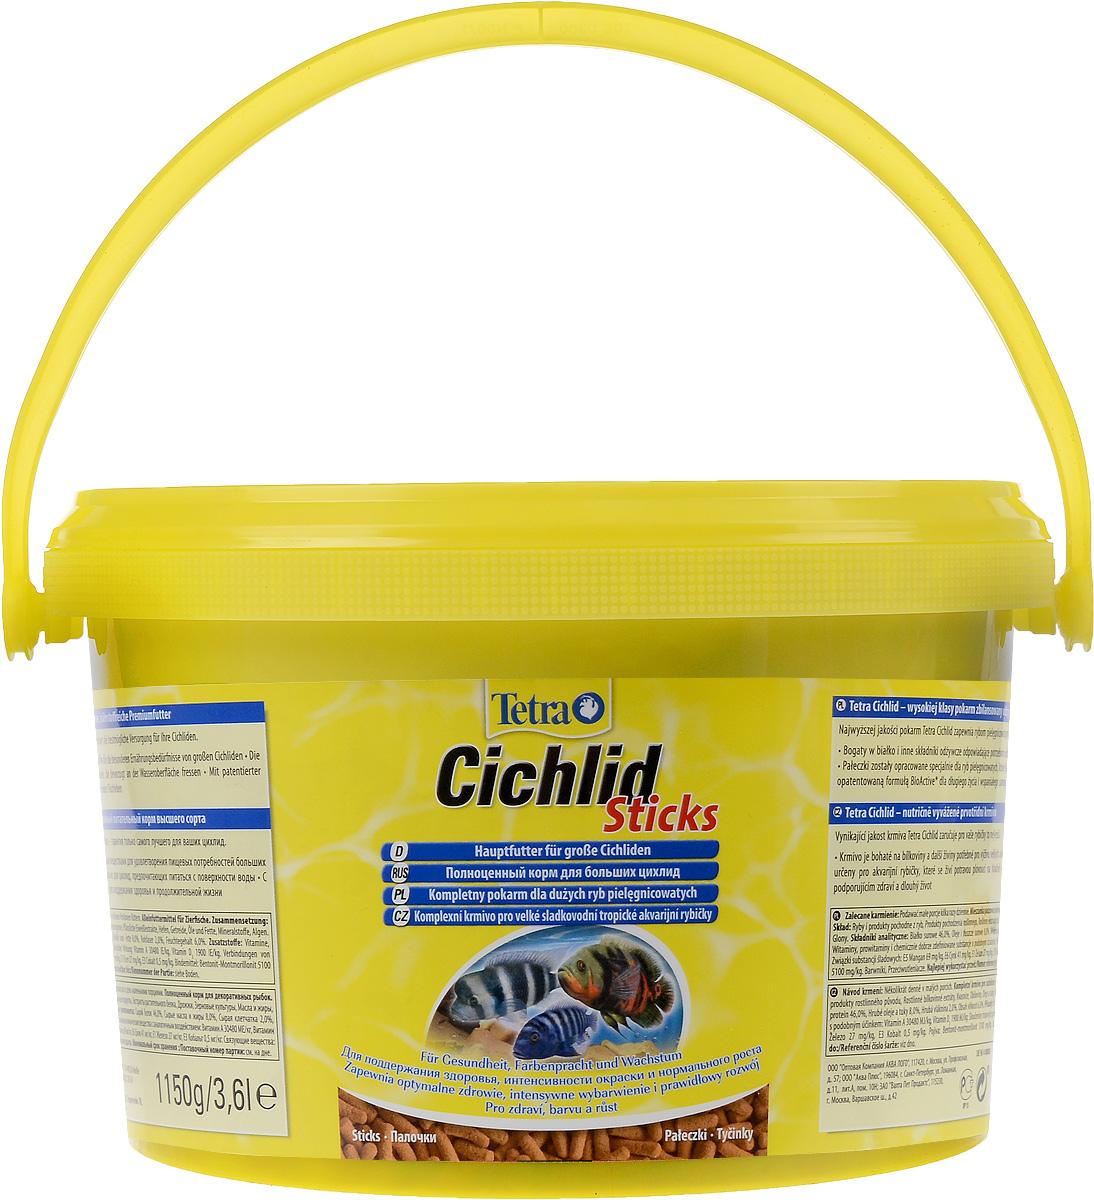 Корм сухой Tetra Cichlid. Sticks для больших цихлид, палочки, 3,6 л (1,15 кг)193802Корм Tetra Cichlid. Sticks - это биологически сбалансированный корм в виде палочек, предназначенный для больших цихлид. Корм богат белками и другими питательными веществами для удовлетворения пищевых потребностей больших цихлид, Палочки разработаны специально для цихлид, предпочитающих питаться с поверхности воды. Запатентованная формула BioActive поддерживает здоровую иммунную систему рыб. Рекомендации по кормлению: кормите не менее 2-3 раз в день в таком количестве, которое ваши рыбы могут съесть в течение нескольких минут. Состав: рыба и побочные рыбные продукты, растительные продукты, экстракты растительного белка, дрожжи, зерновые культуры, масла и жиры, водоросли, минеральные вещества. Аналитические компоненты: сырой белок - 46%, сырые масла и жиры - 8%, сырая клетчатка - 2%, влага - 6%. Добавки: витамины, провитамины и химические вещества с аналогичным воздействием, витамин А 30480 МЕ/кг, витамин Д3 1900 МЕ/кг. Комбинации элементов:...